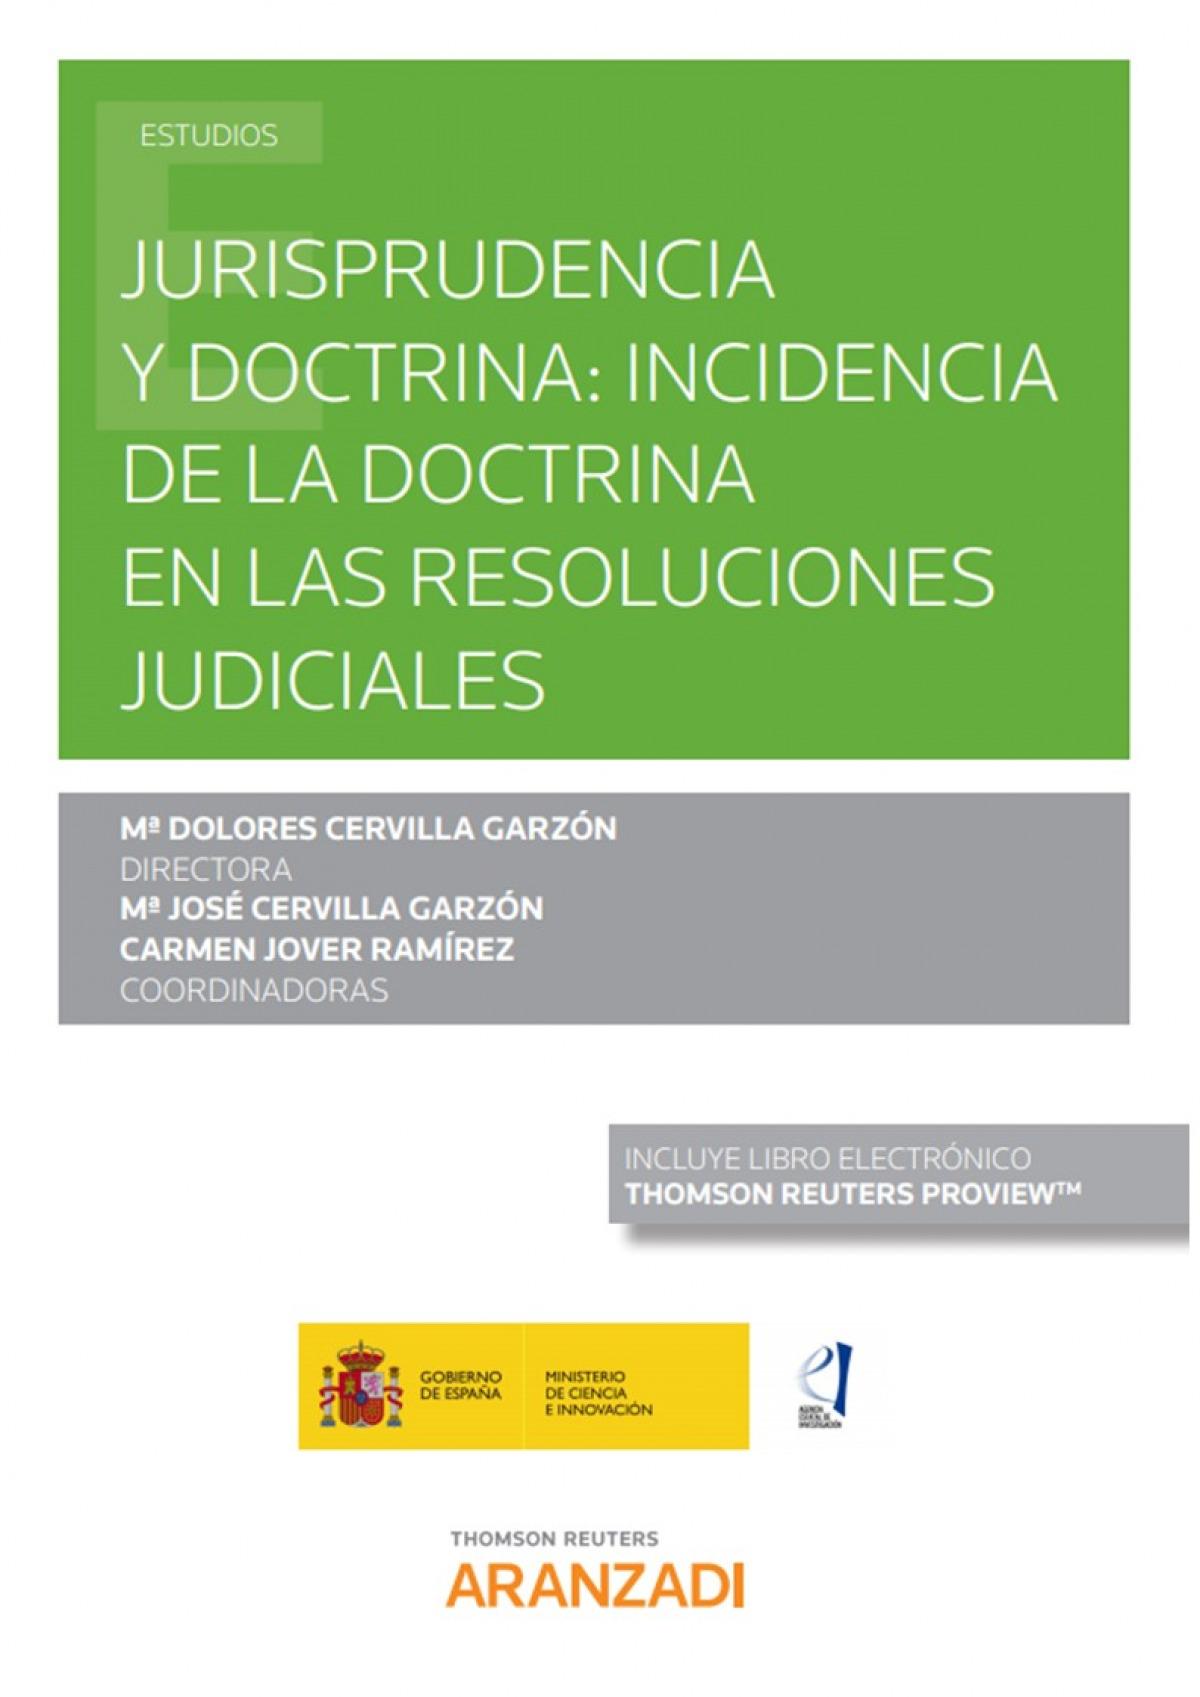 Jurisprudencia y doctrina: incidencia de la doctrina en las resoluciones judiciales (Papel + e-book)